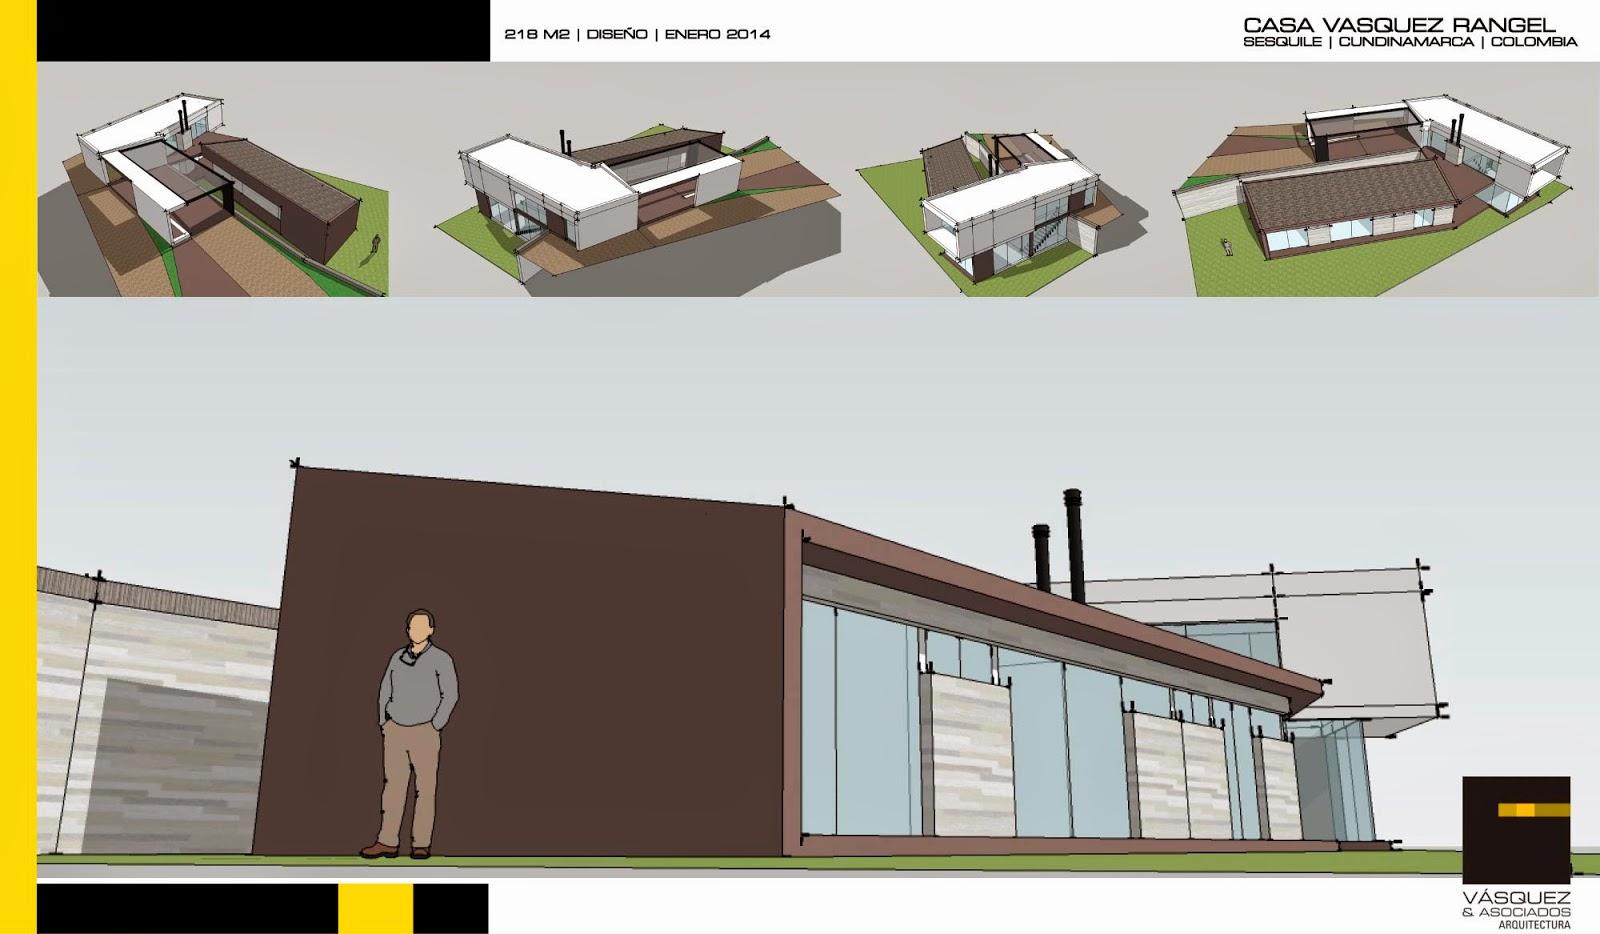 Vasquez y asociados arquitectura ltda casa vr for Genesis arquitectura y diseno ltda